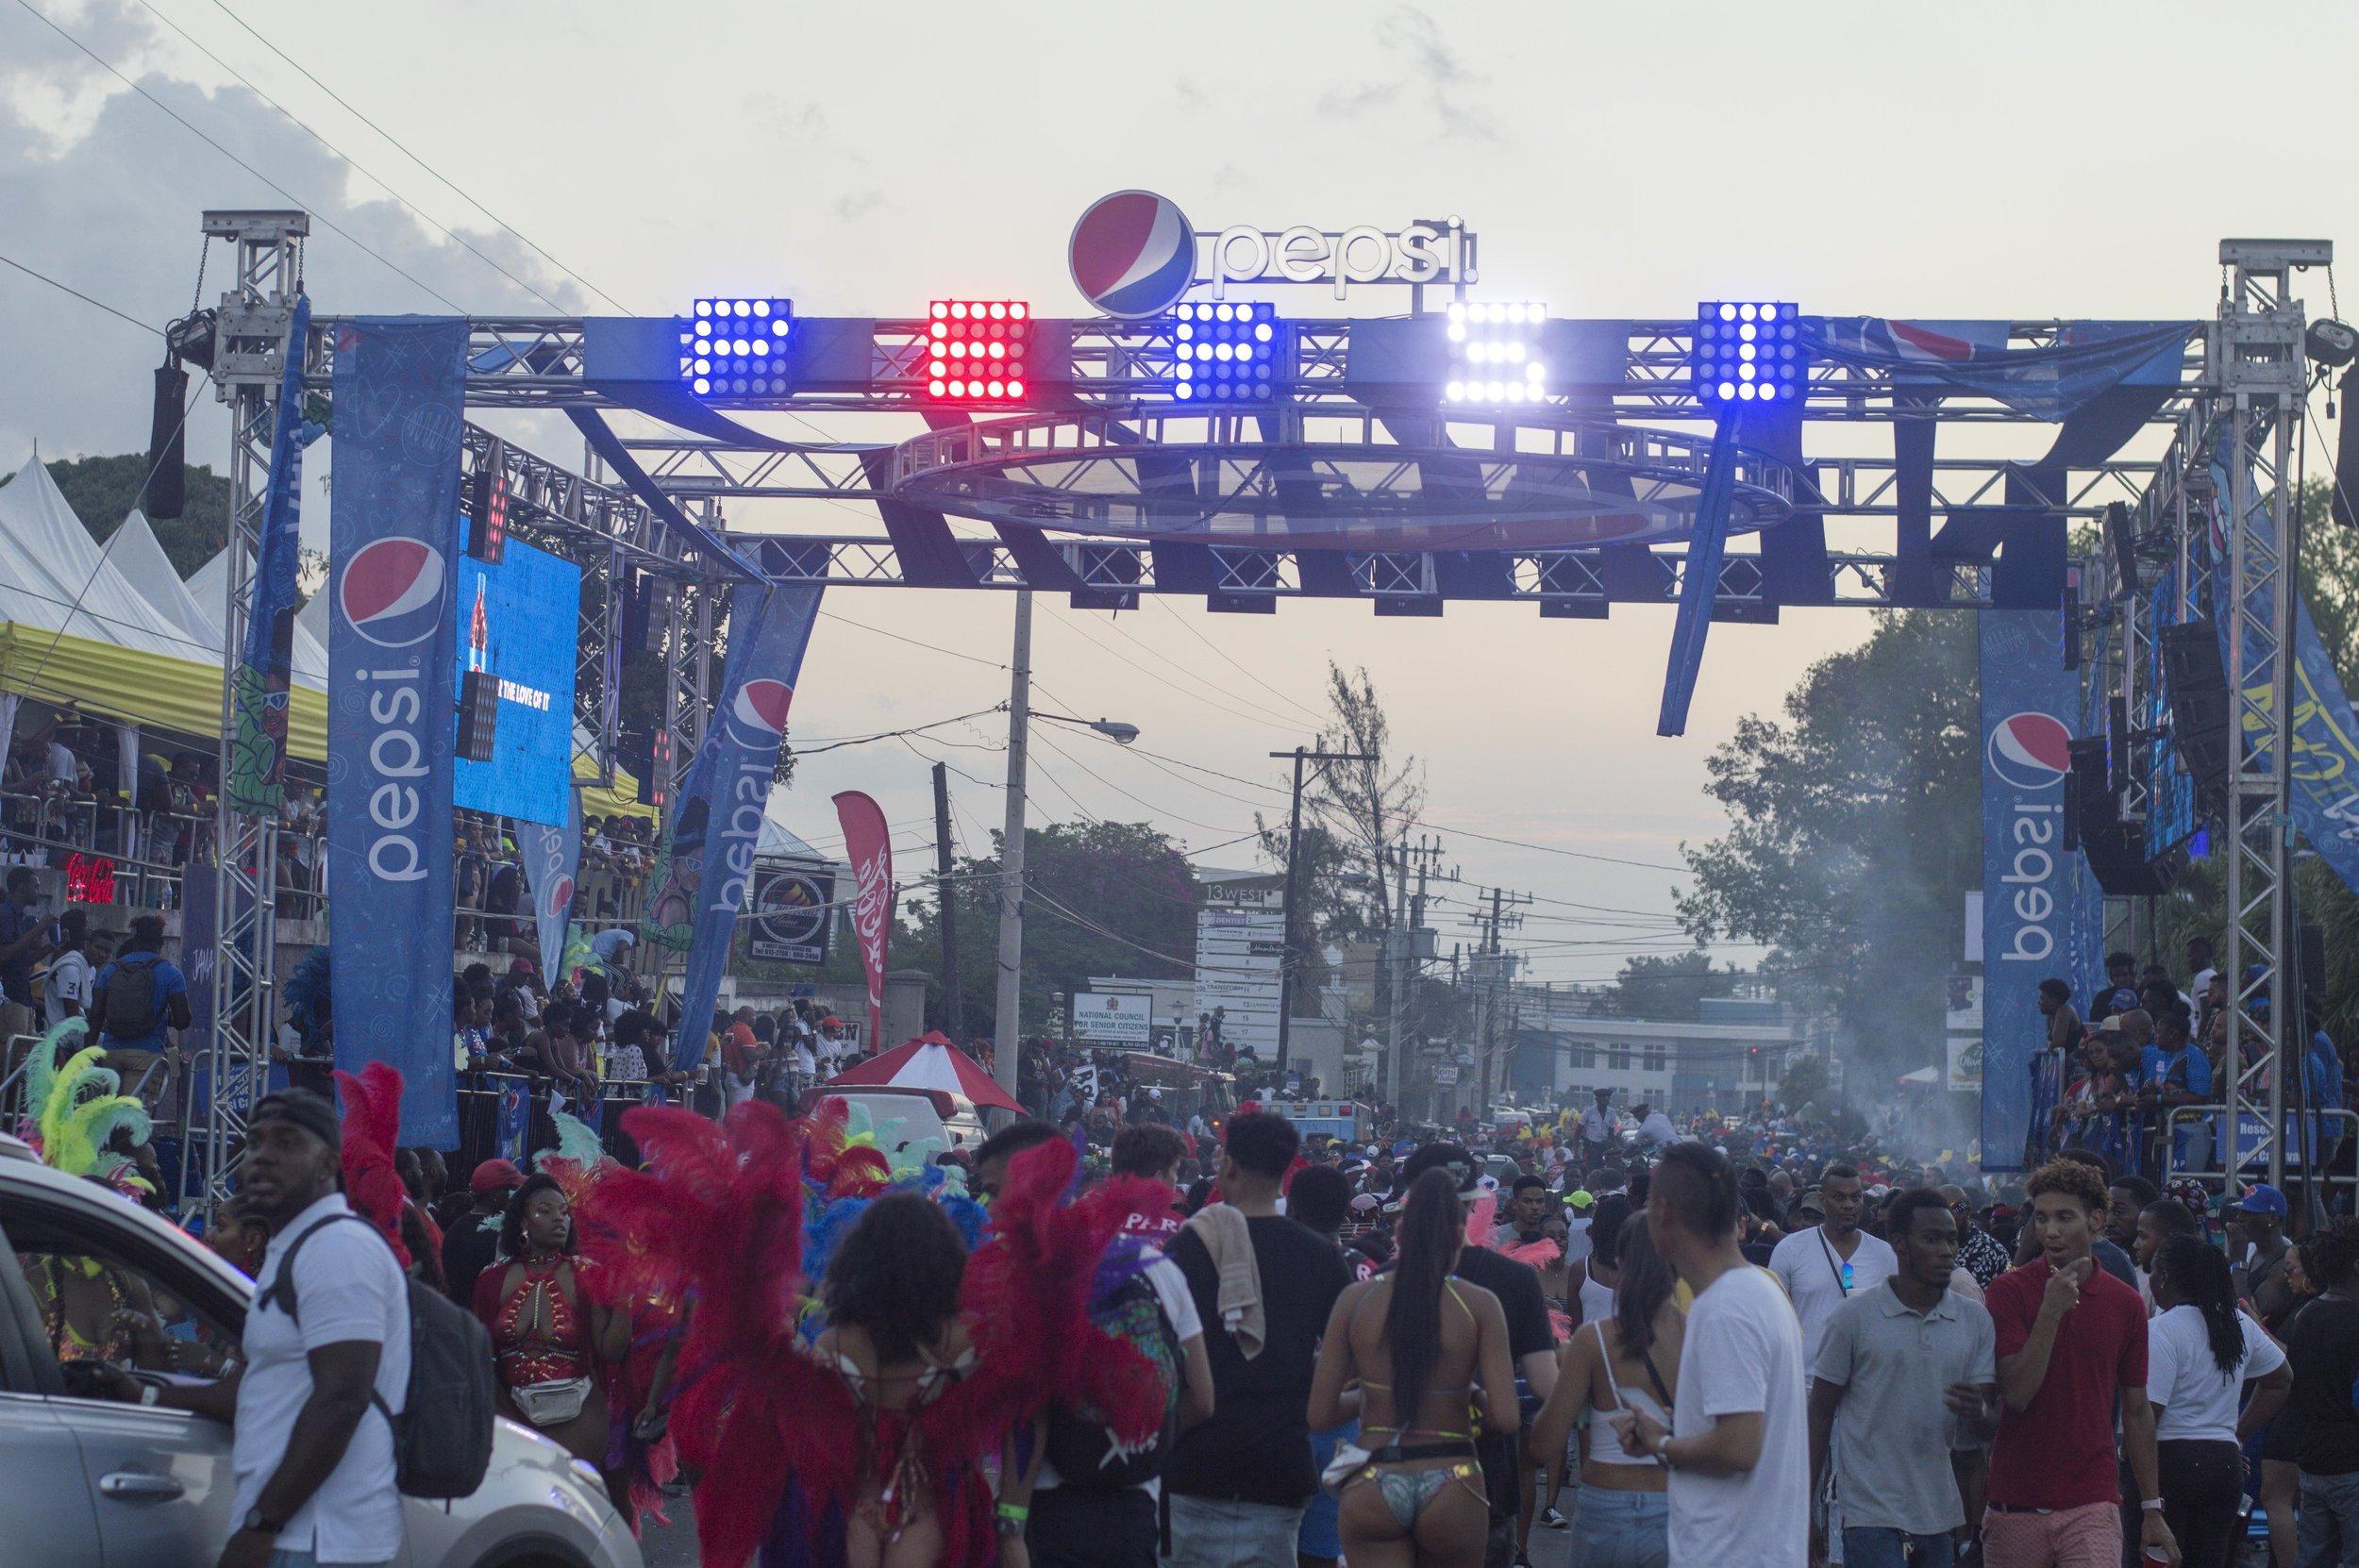 carnival2019_jeanalindo-86.jpg